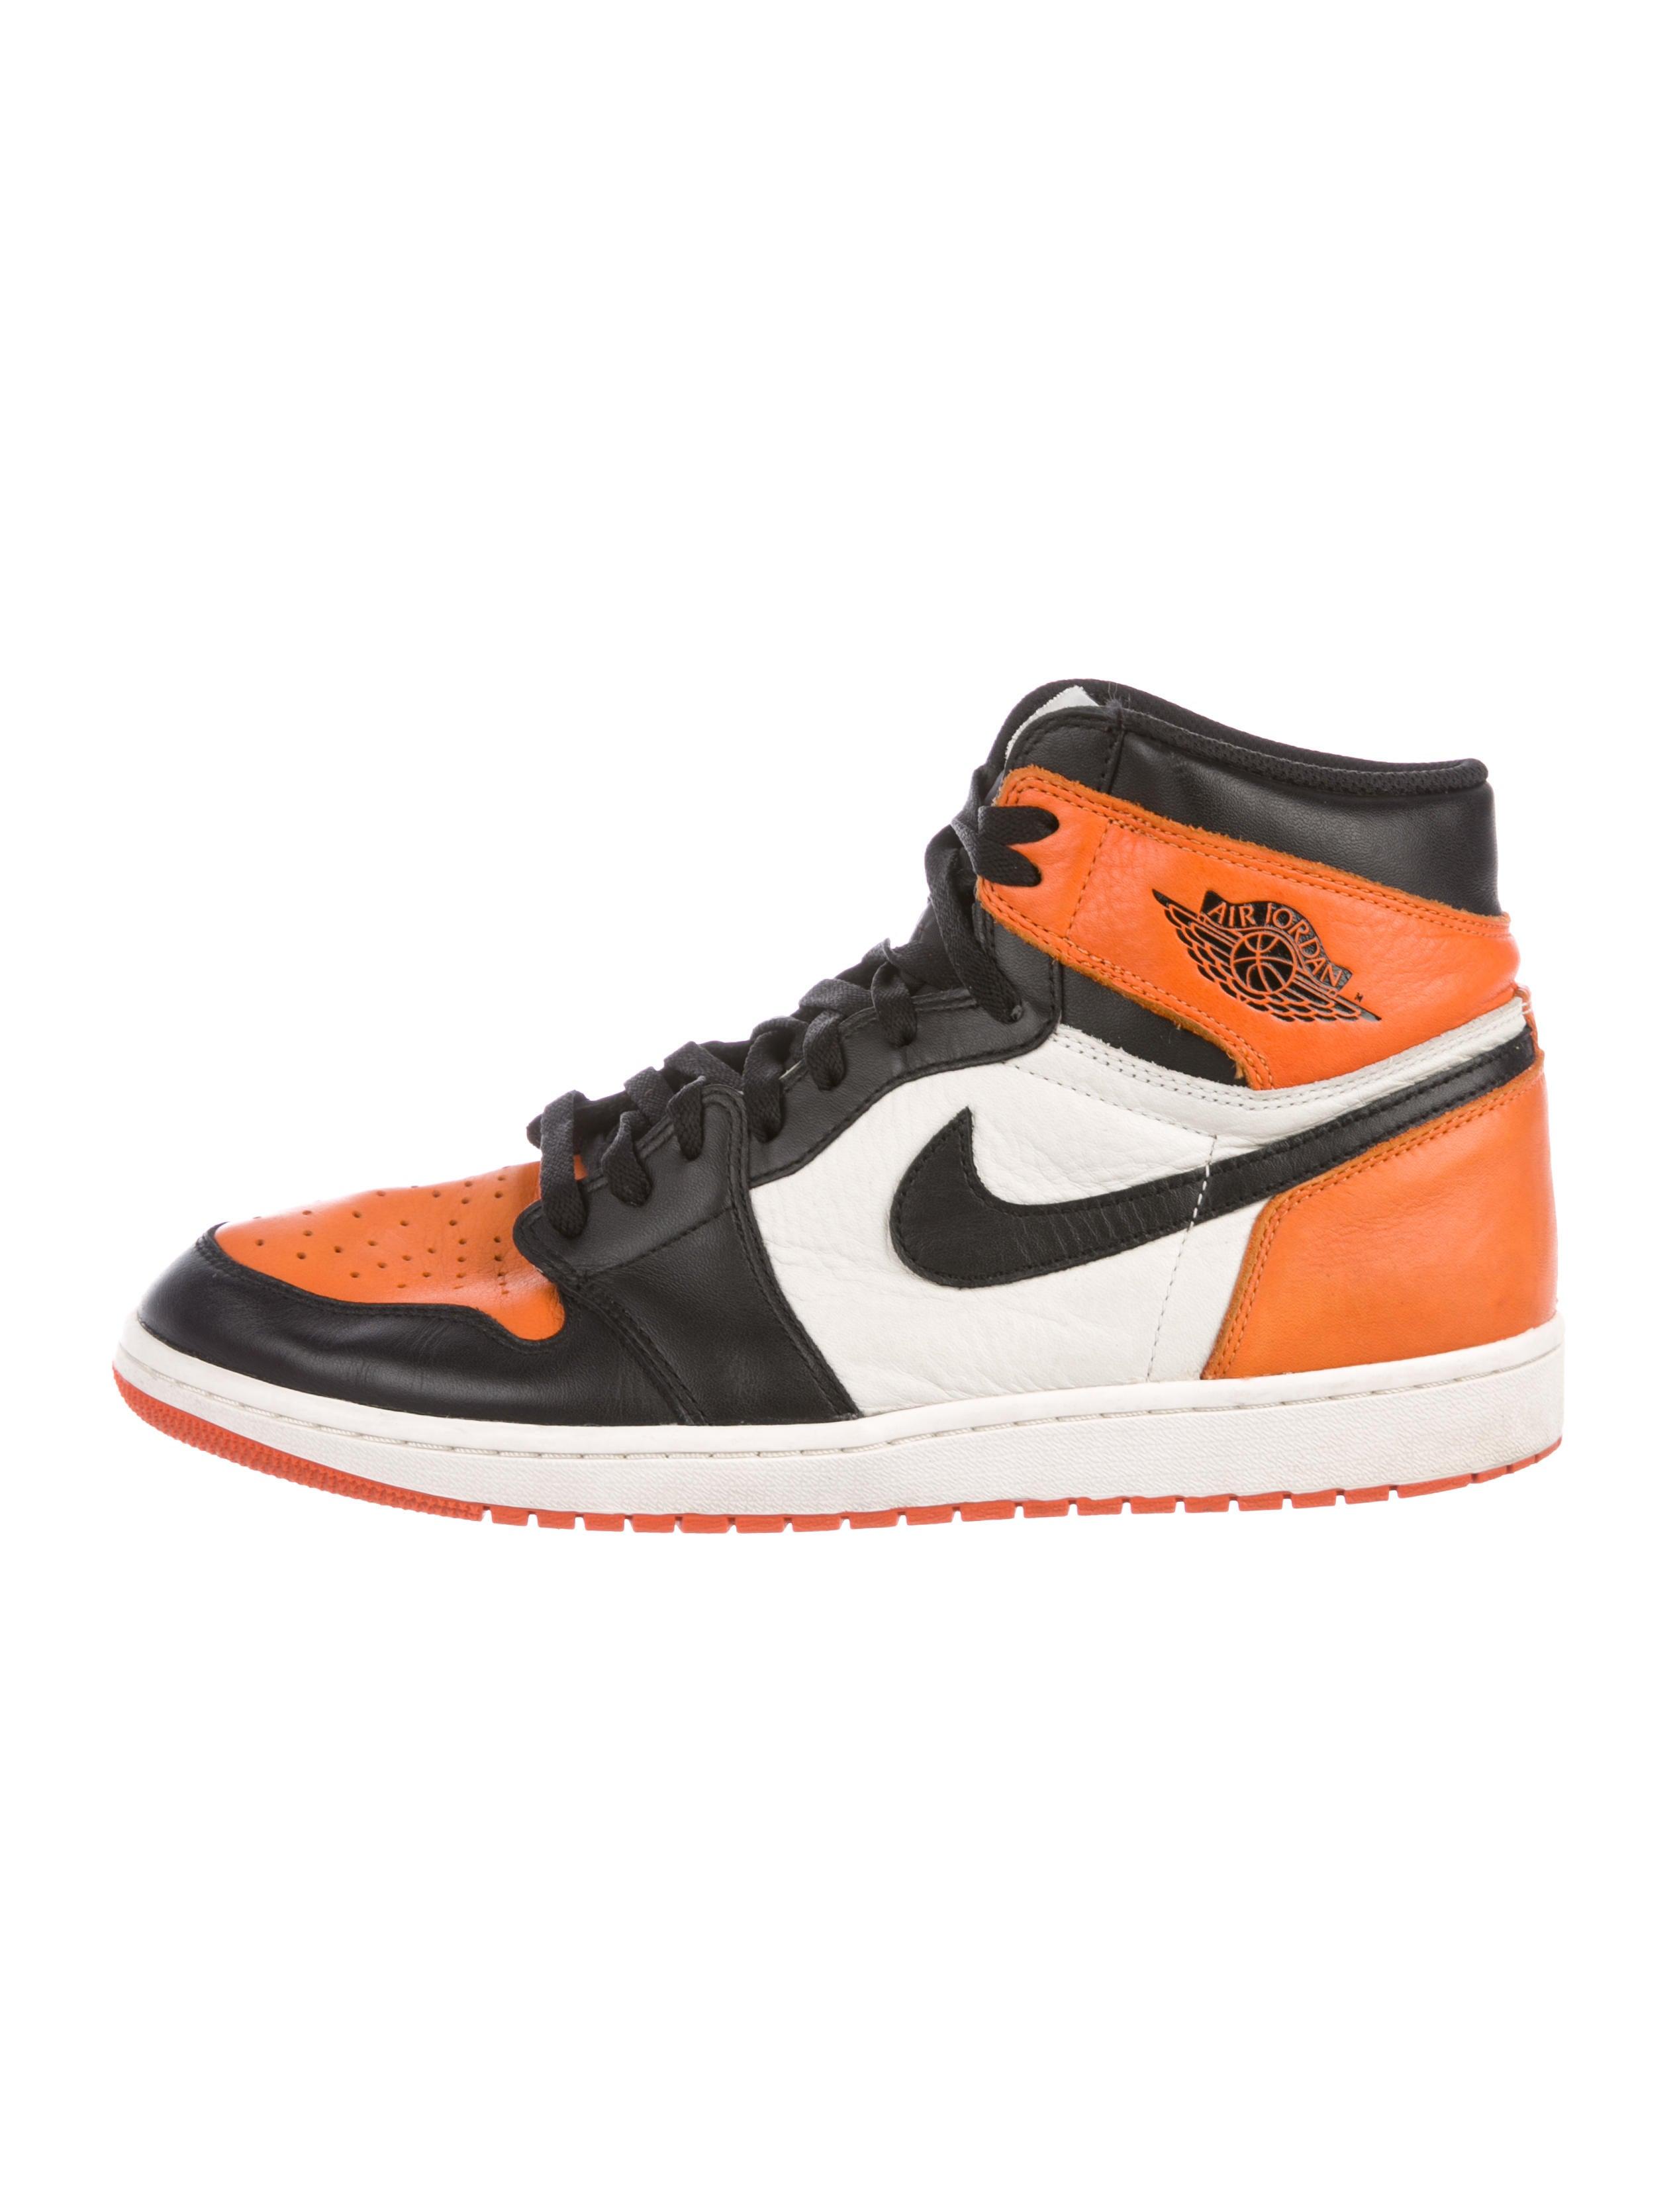 timeless design 24cfd 99b57 Nike Air Jordan 1 Retro High OG Shattered Backboard Sneakers